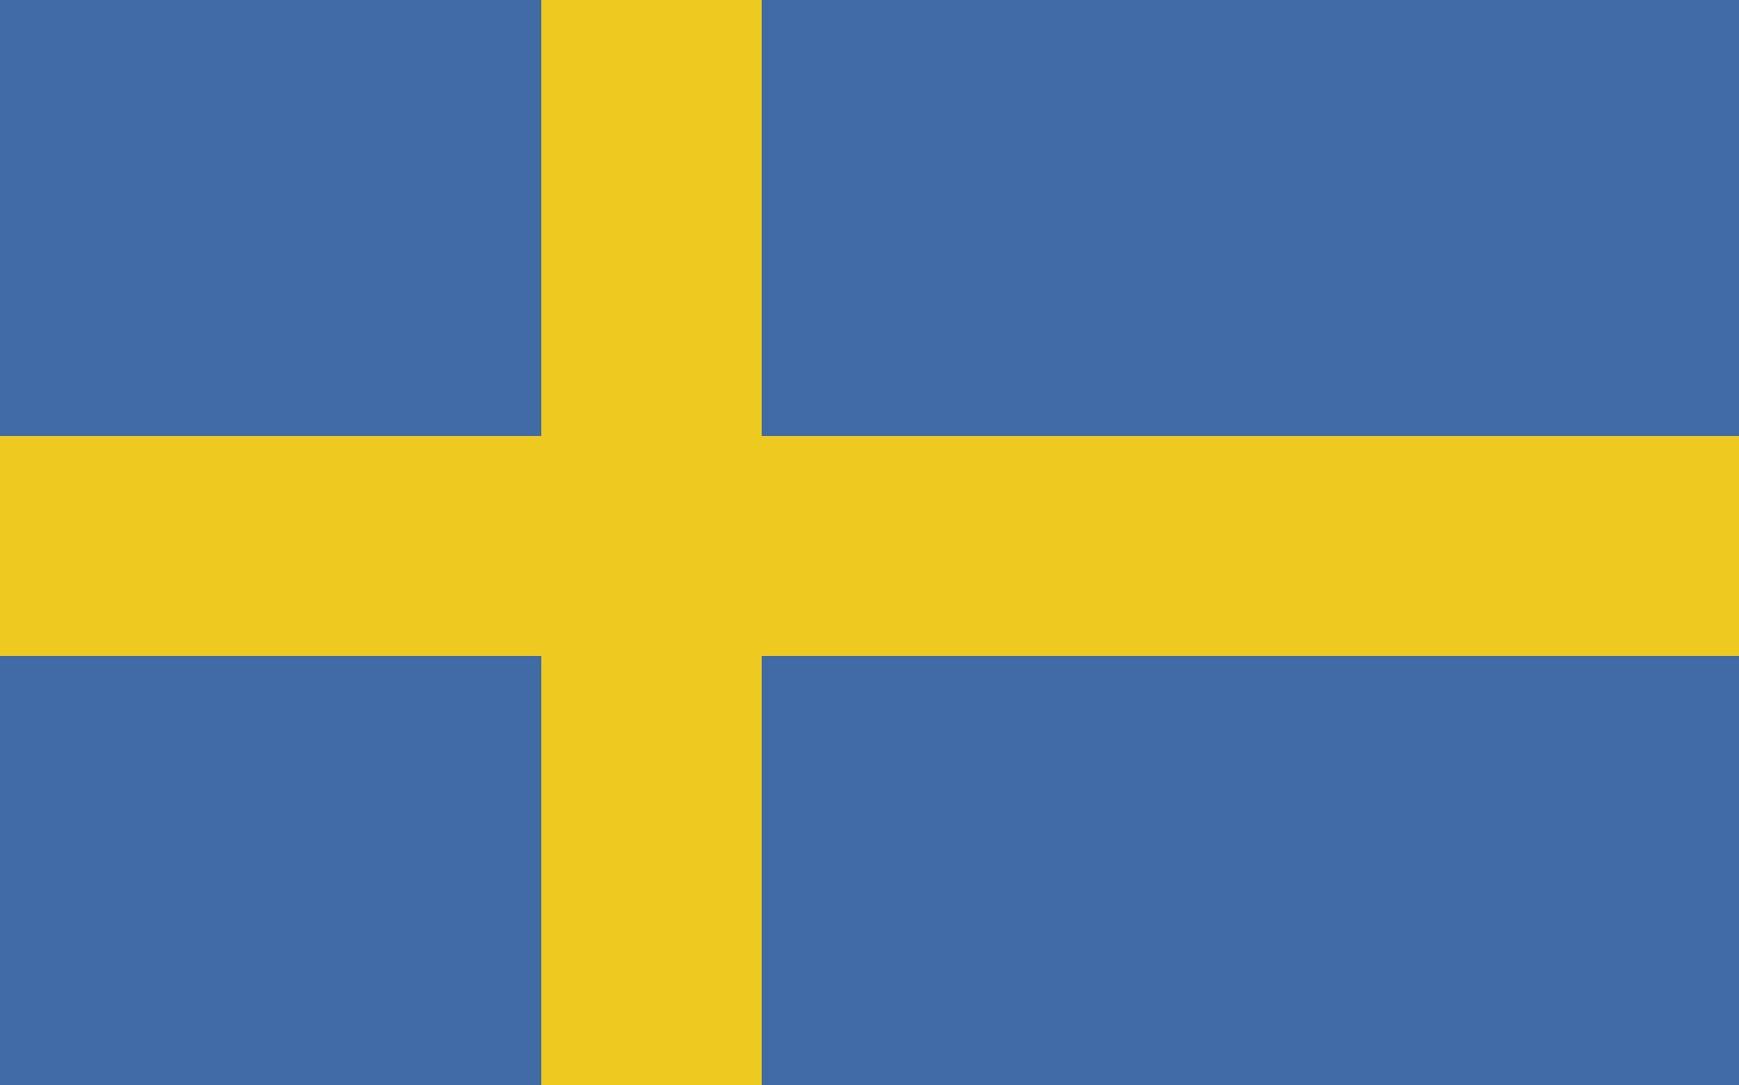 swedish flagjpg